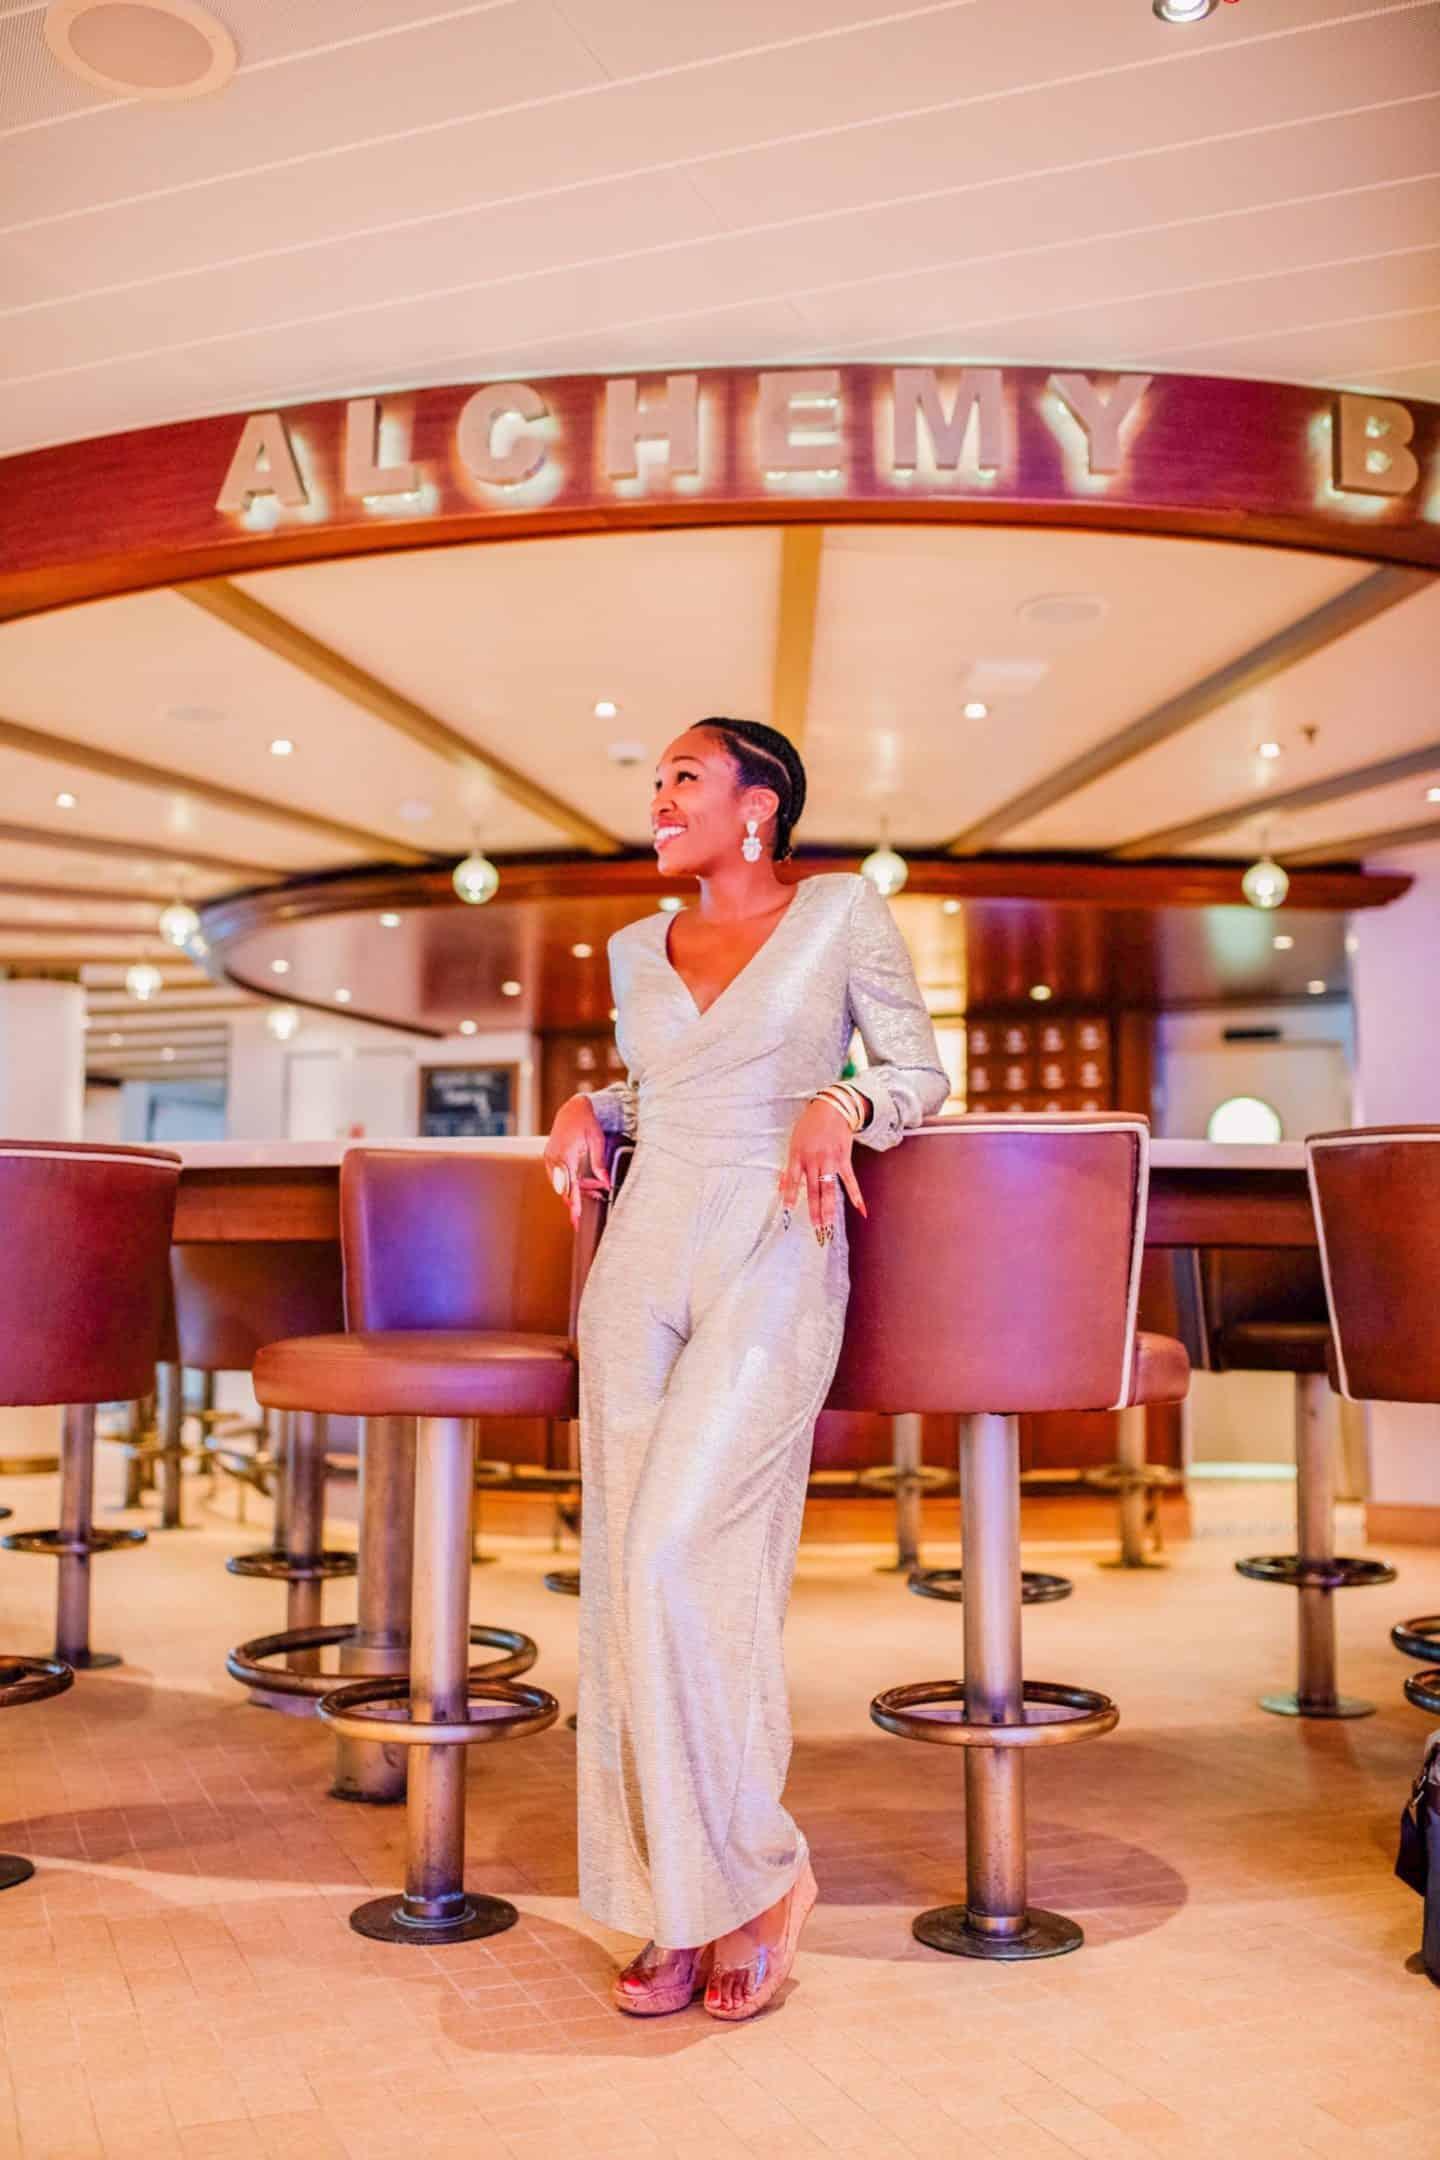 Carnival Cruise Alchemy Bar | Shaunda Necole